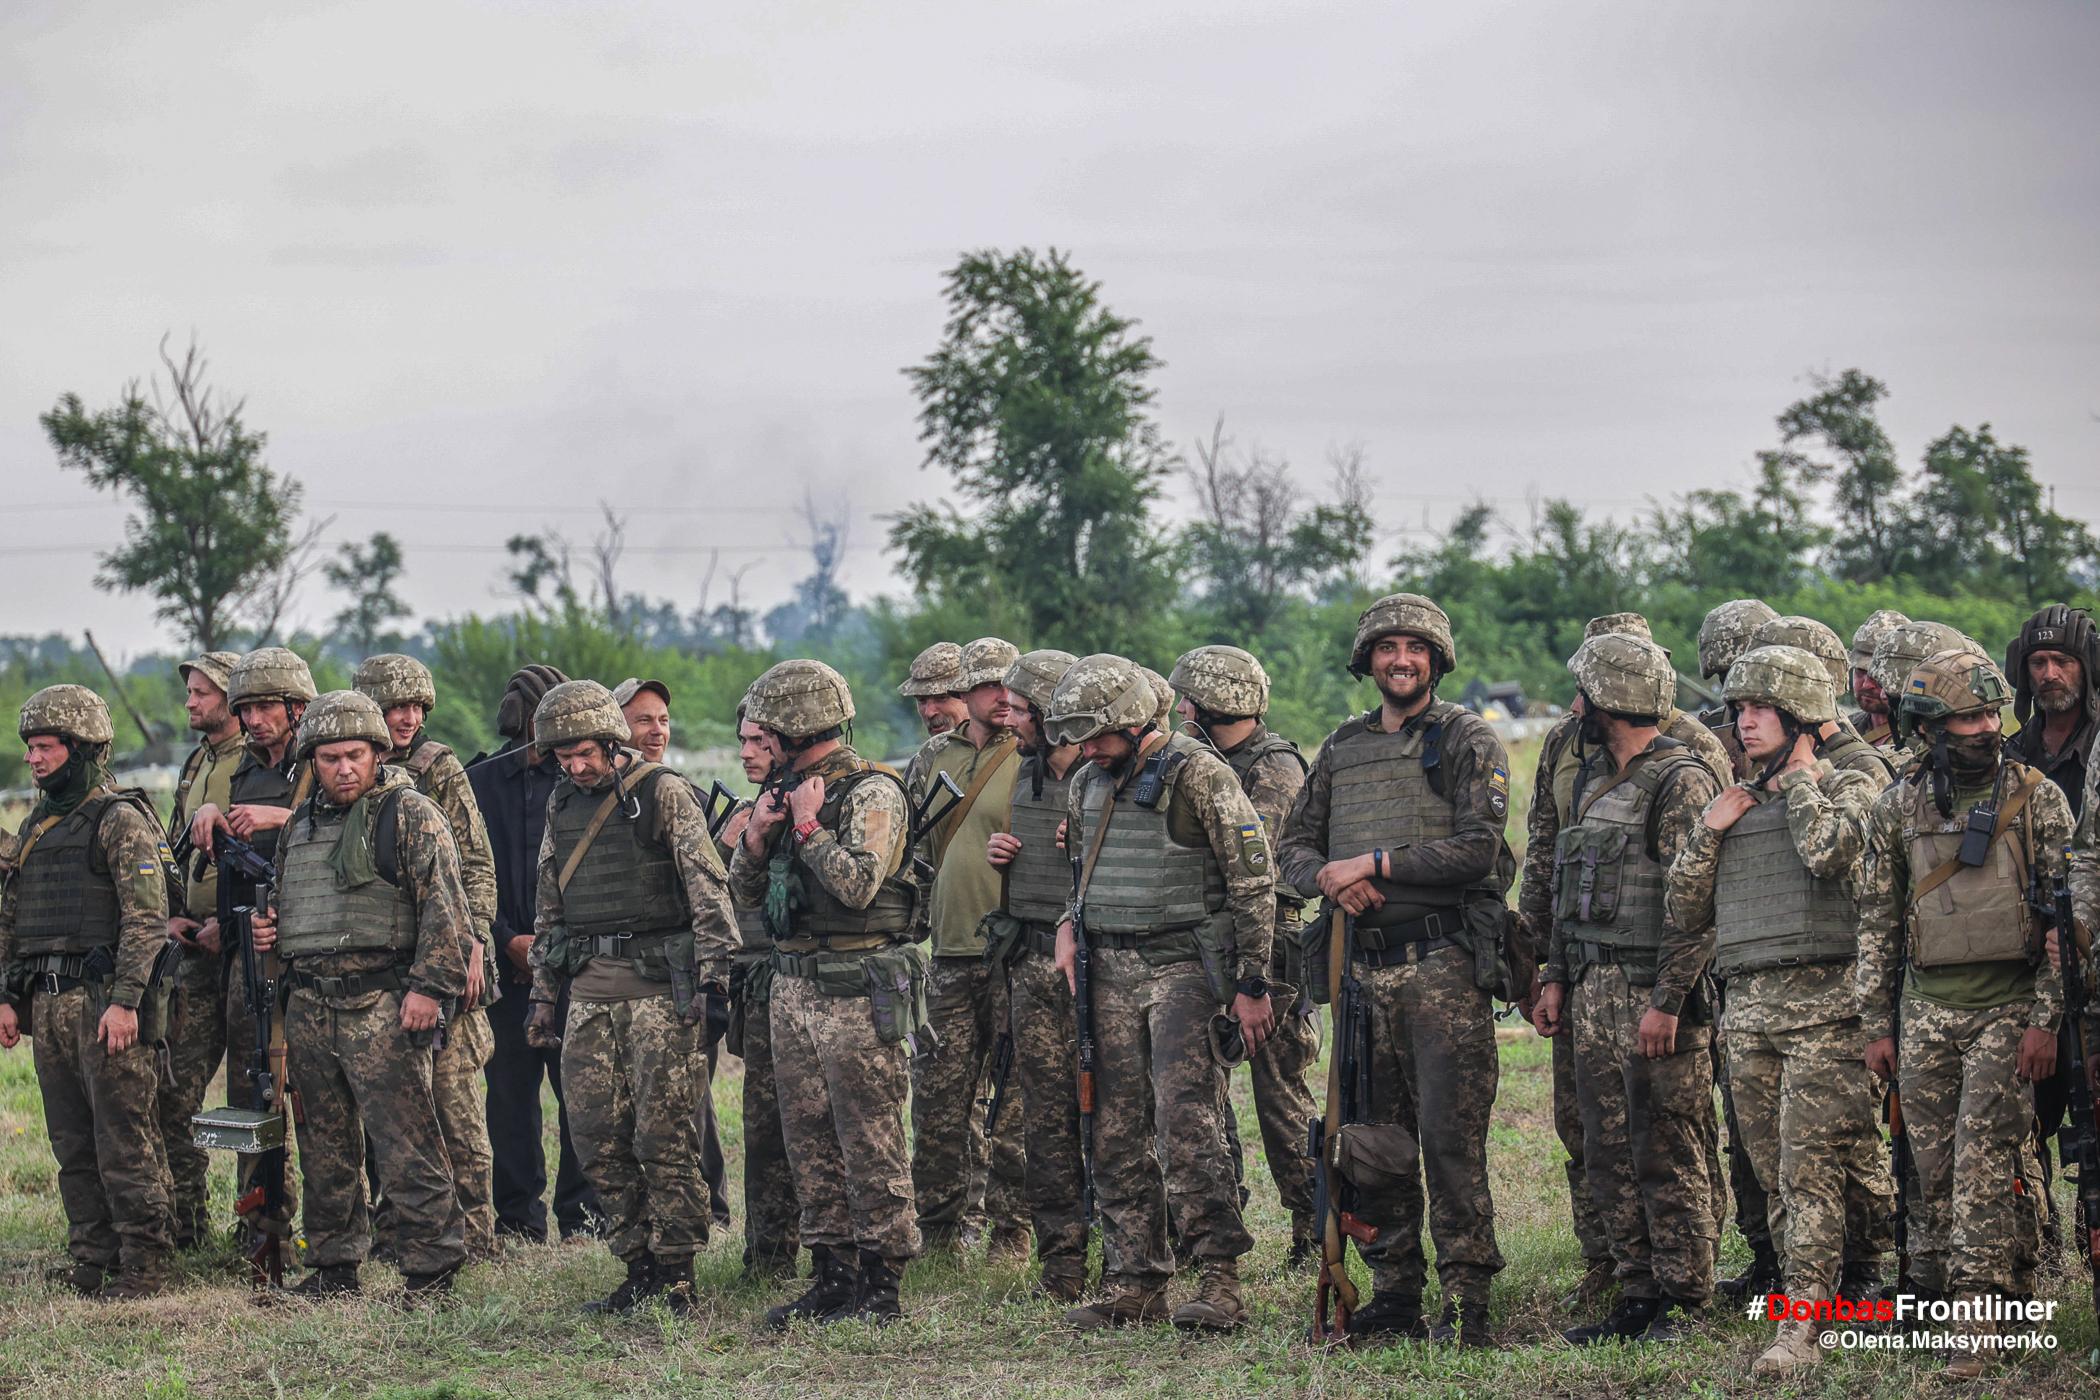 Шикування морпіхів після бойового злагодження. Бойове тренування 503-го батальйону морської піхоти на Приазов'ї, липень 2021 року